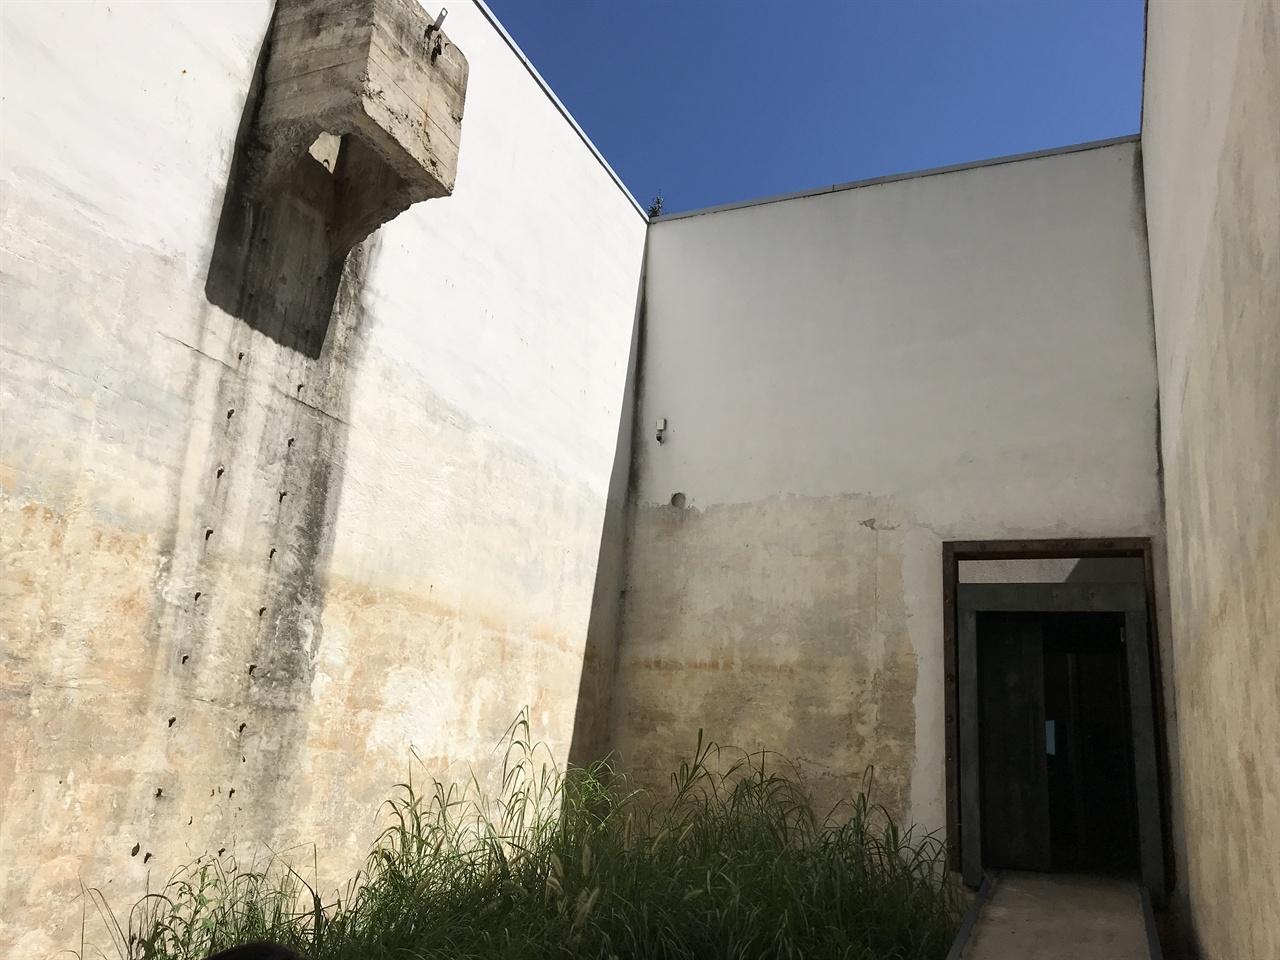 중정으로 꾸민 윤동주문학관 제2전시실 윤동주문학관 제1전시실은 청운수도가압장의 기계실을, 제2전시실과 제3전시실은 2개의 콘크리트 물탱크를 리모델링한 공간이다. 제2전시실은 물탱크 천장을 제거해서 하늘을 향해 뚫려 있는 중정으로 꾸몄다. 제2전시실 벽체에 남아있는 네모난 구조물과 철심은 콘크리트 물탱크로 들어가는 입구와 철제 사다리 흔적을 남겨둔 것이다.